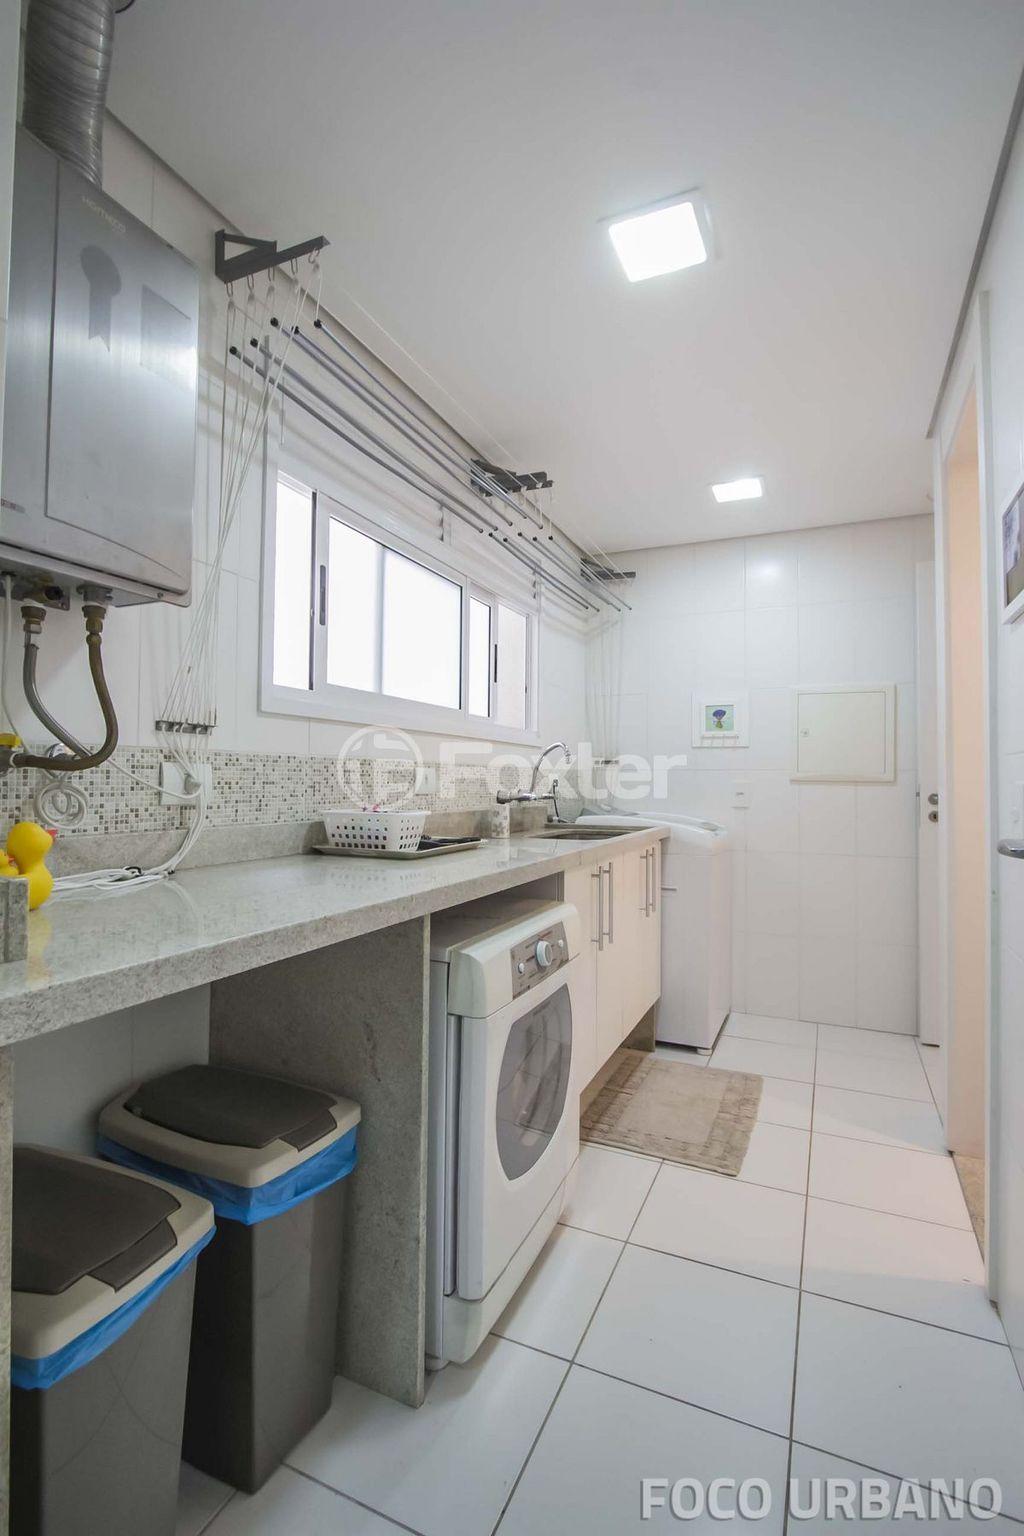 Foxter Imobiliária - Apto 3 Dorm, Jardim do Salso - Foto 37